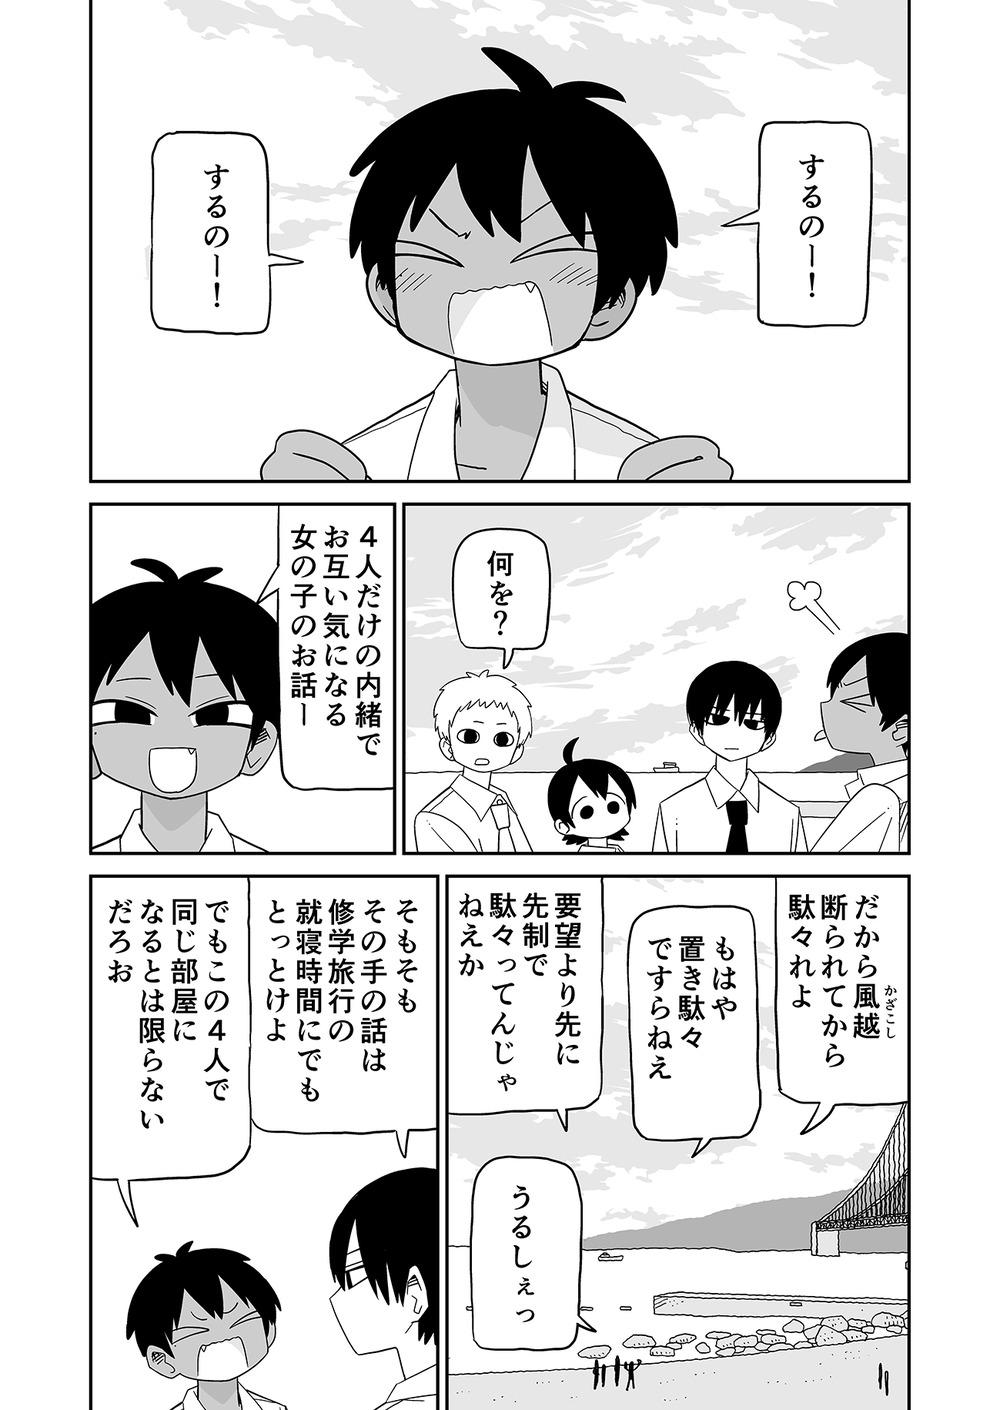 潮舞データオマケ20019